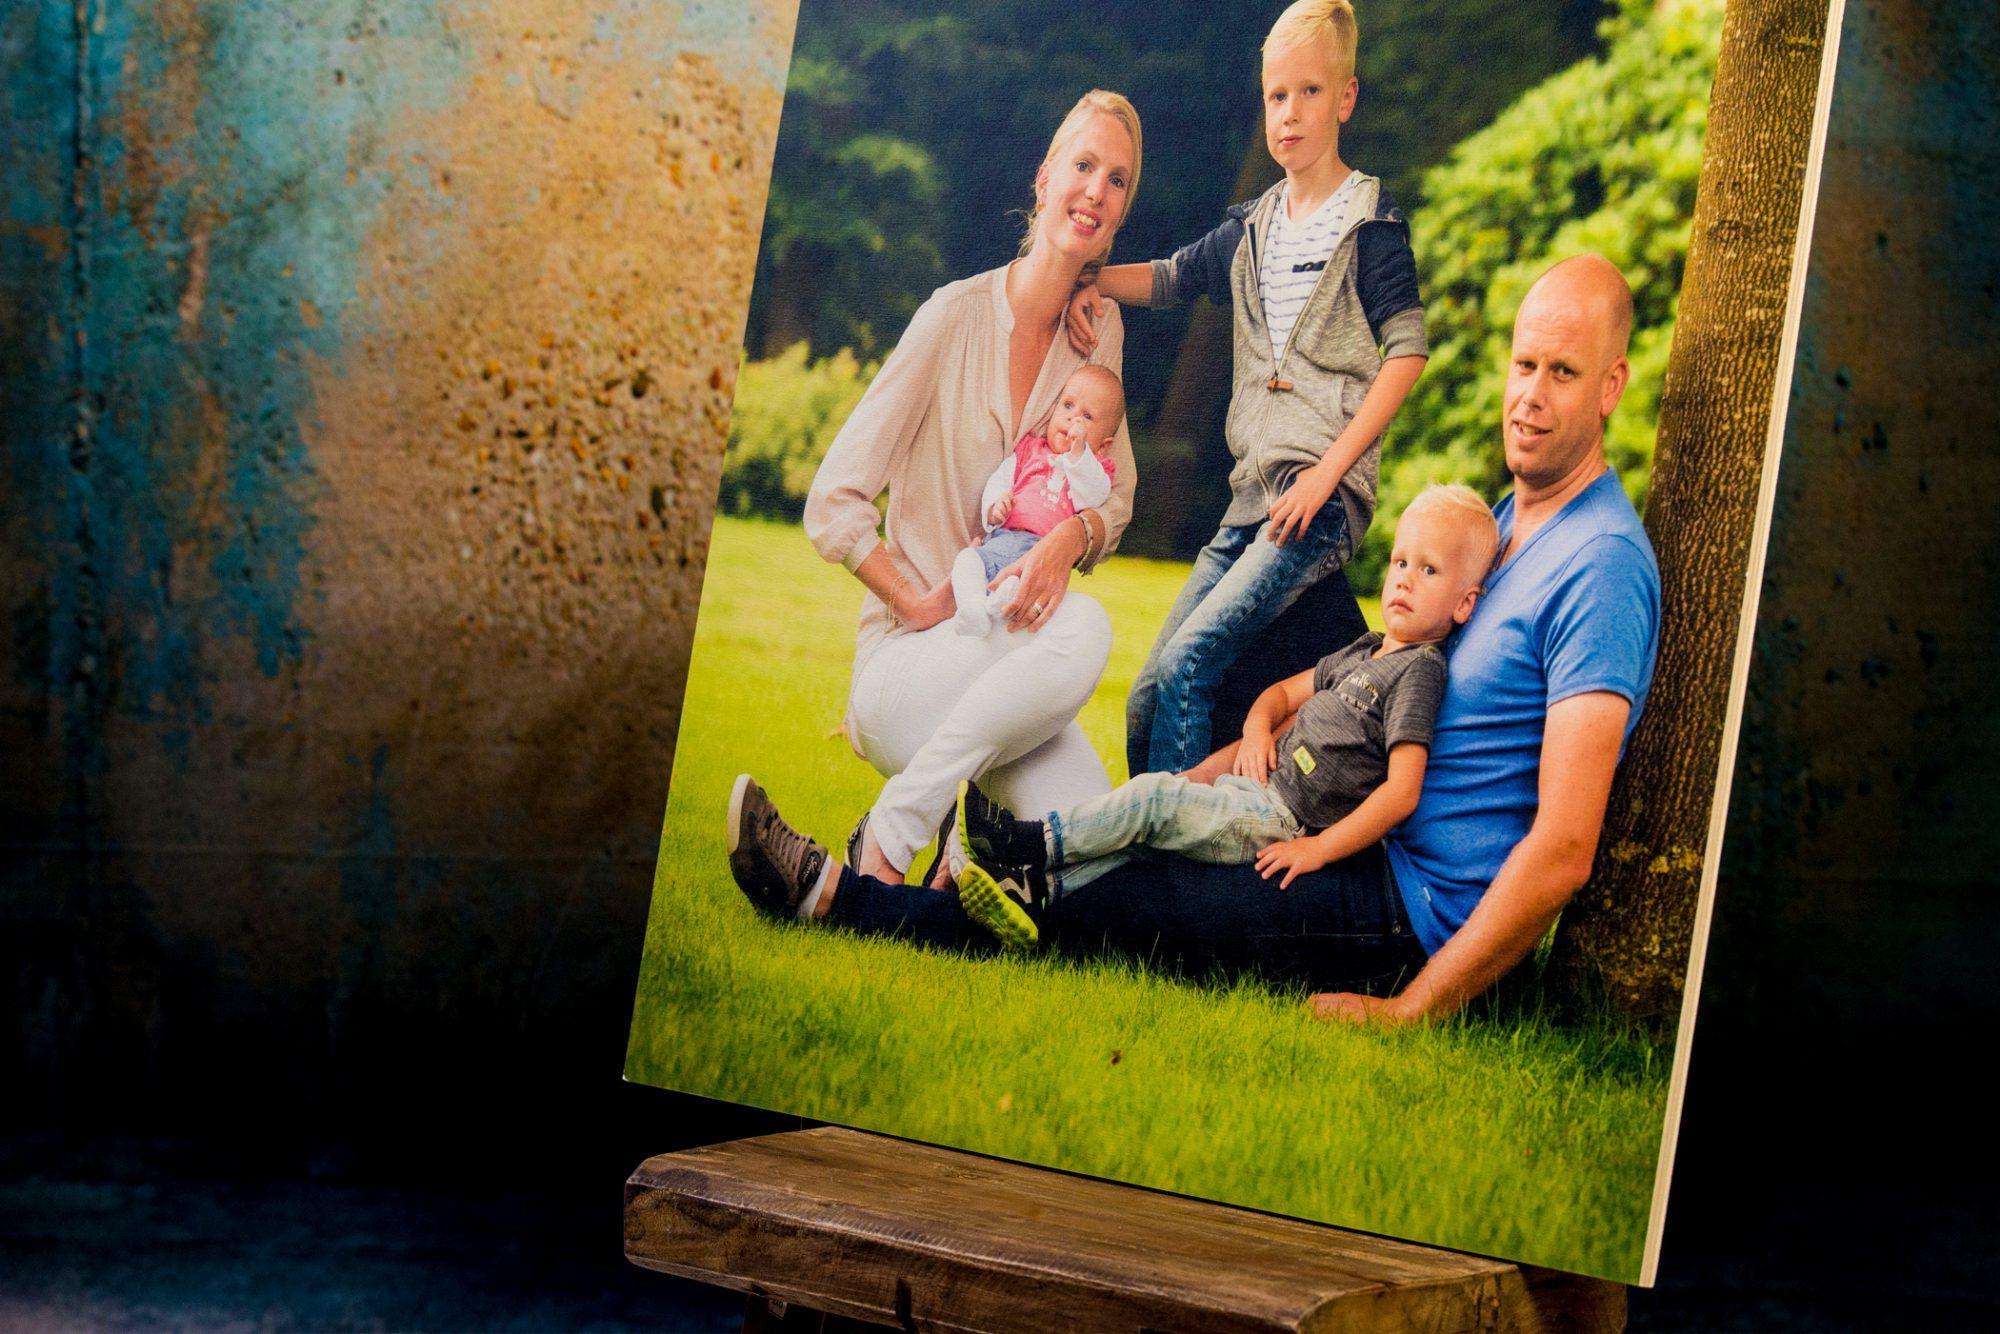 foto op hout, berkenhout, portretfotografie, groepsfoto, fotograaf, Wouter van Middendorp, omgeving Uddel, Elspeet, Garderen, Putten, Ermelo, Nieuw-Milligen, Vierhouten, Nunspeet, trouwfotografie, bruidsfotografie, Veluwe, Barneveld, Kesteren, Achterberg, professionele fotograaf